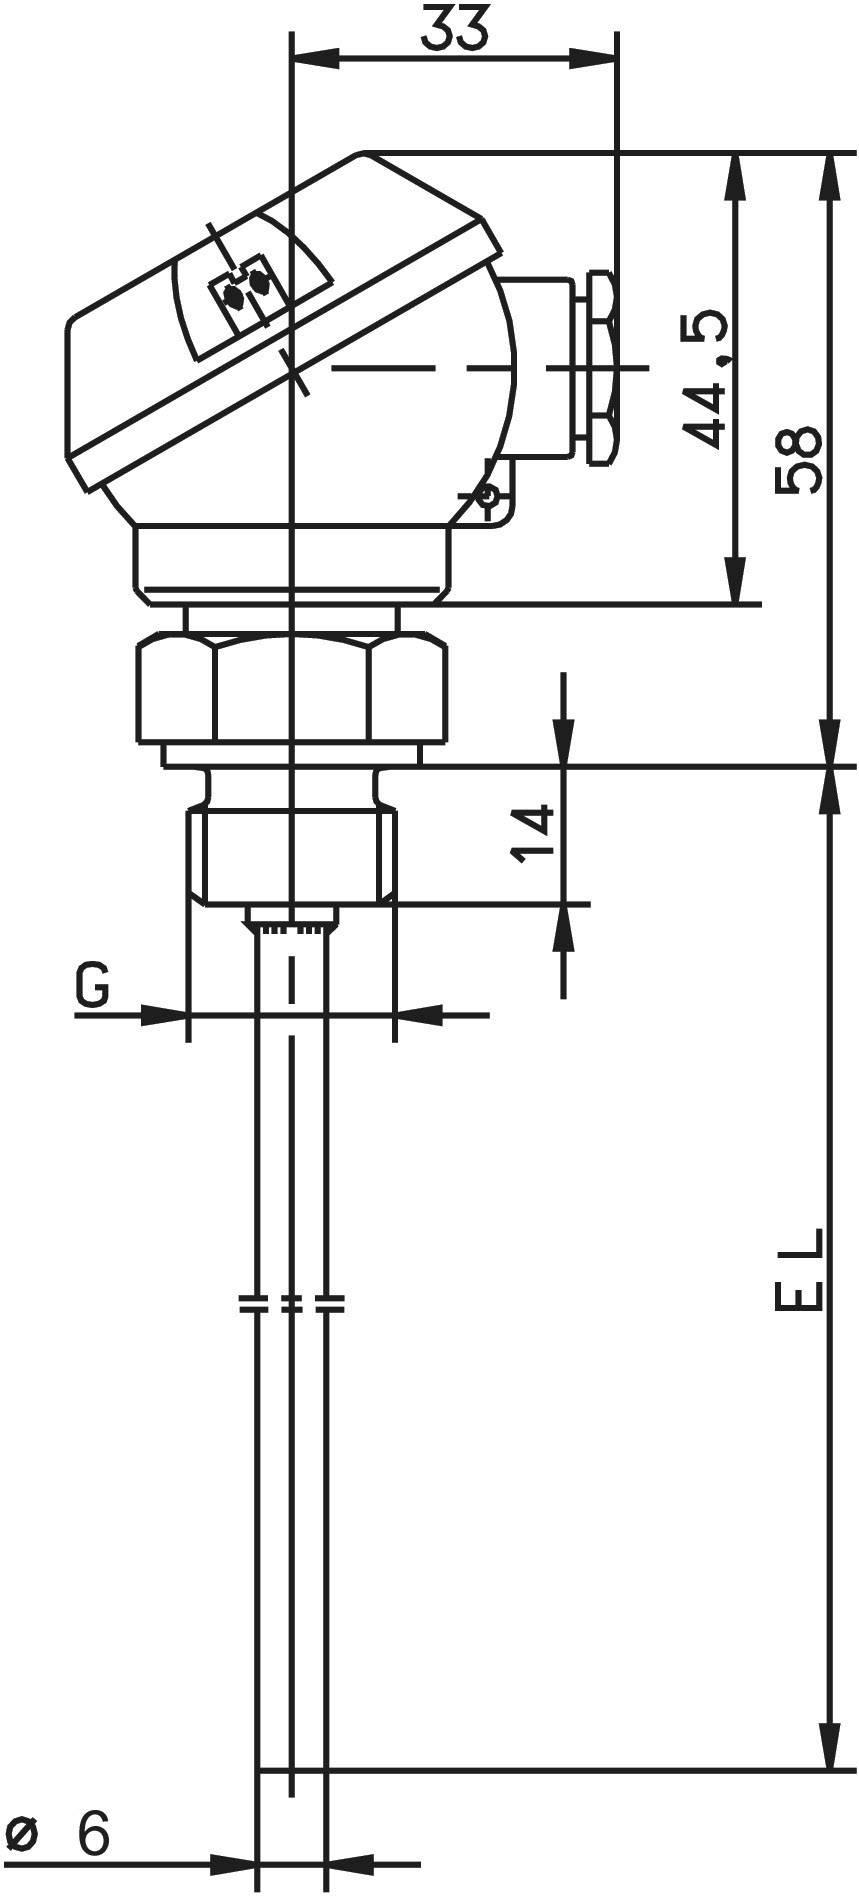 Šroubovací odporový teploměr s výměnnou hlavou Jumo, 250 mm